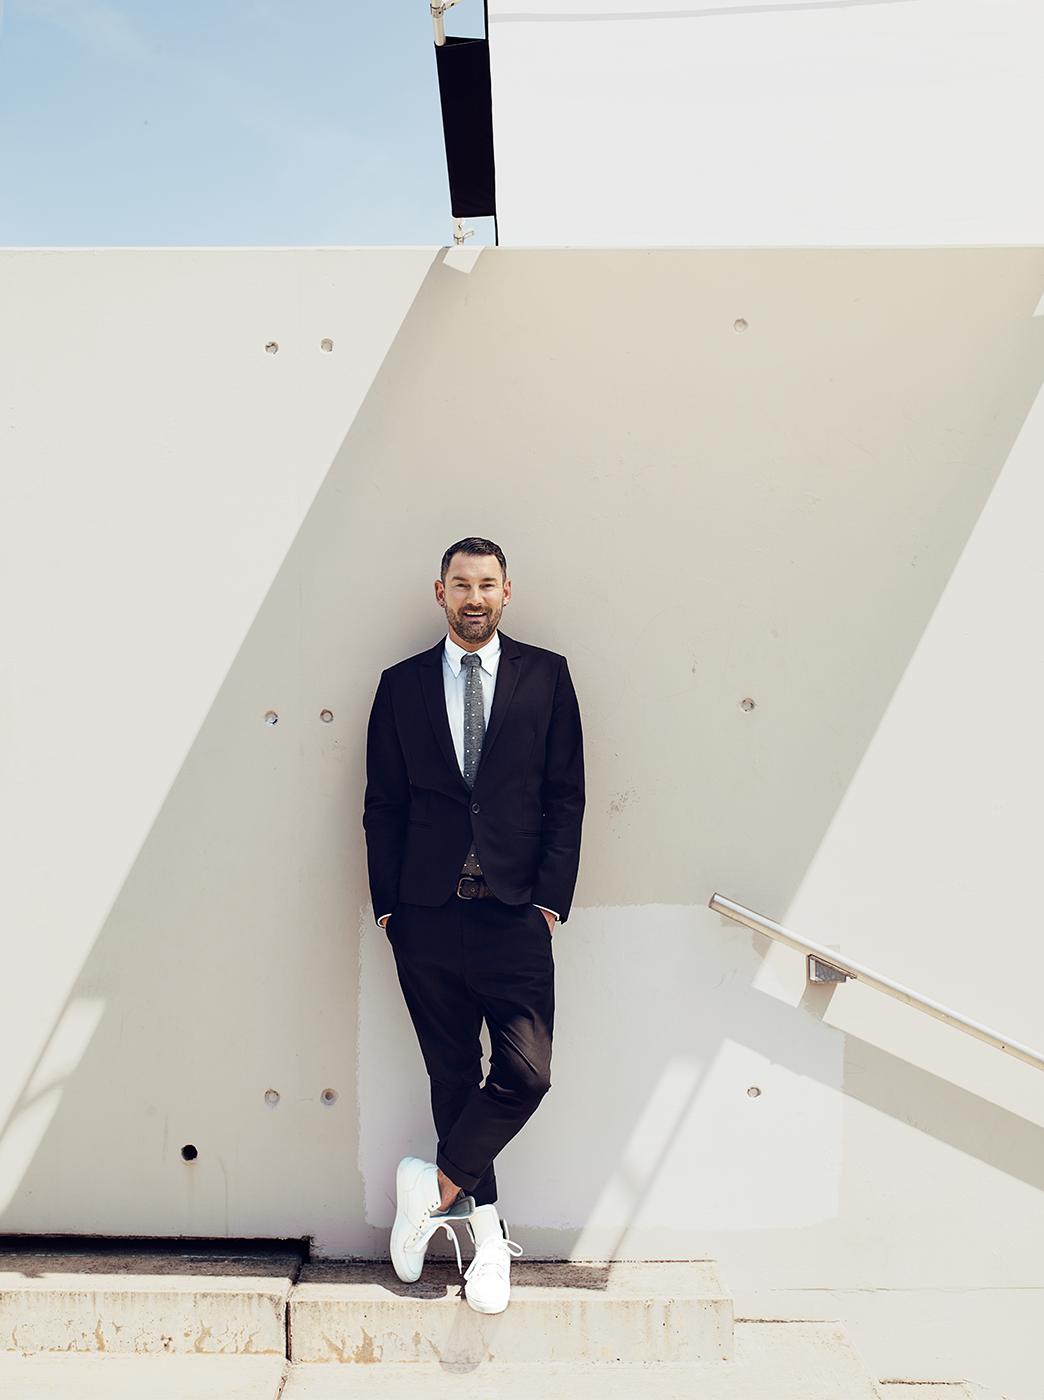 Foto Michael Michalsky im Anzug, Ganzkörperaufnahme vor heller Betonwand